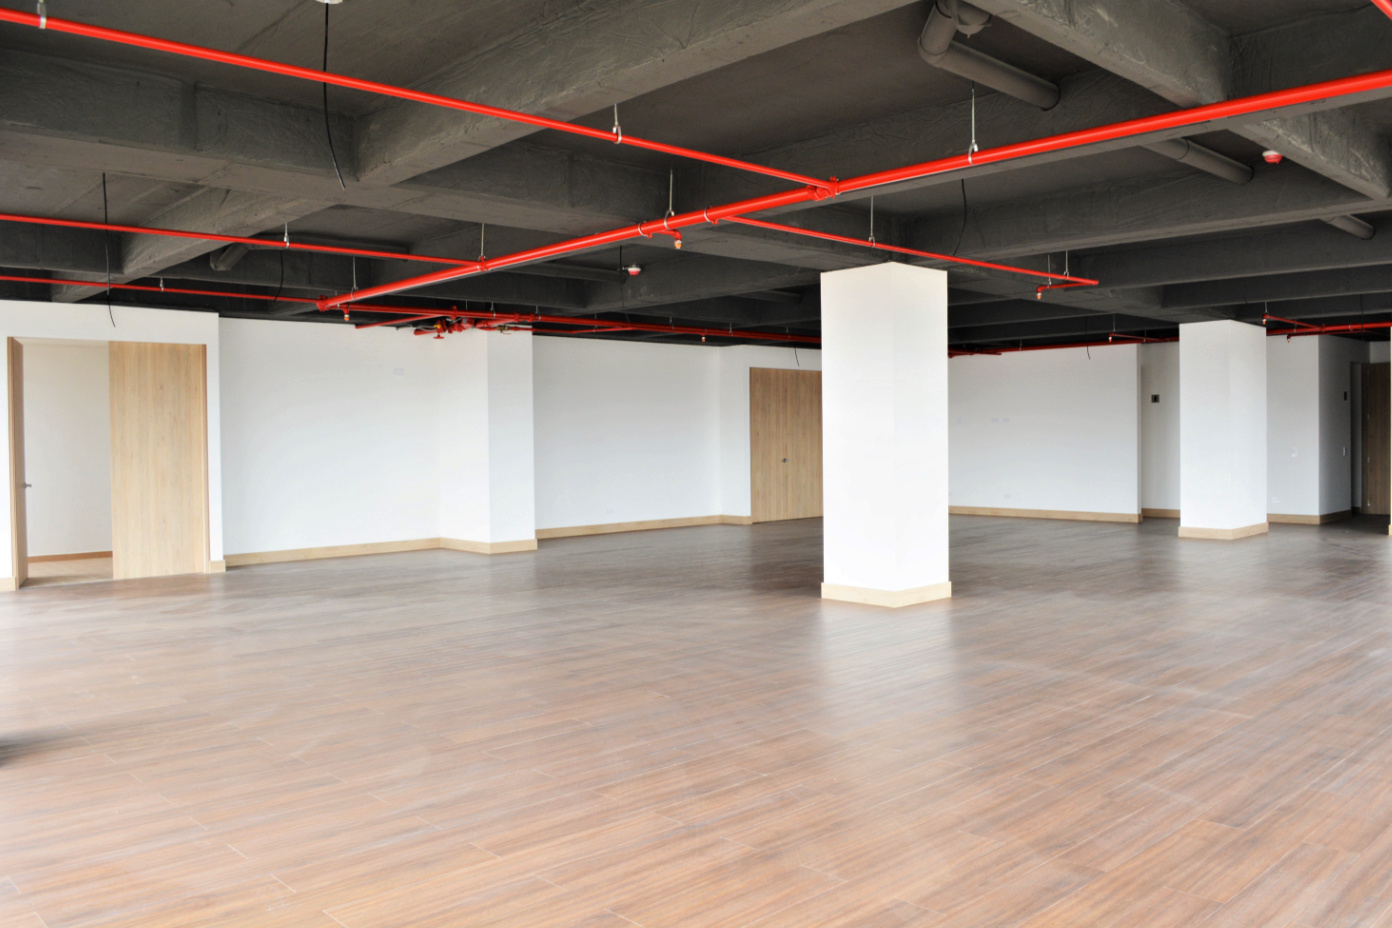 Salones sociales - Club House - Torres de Timiza, apartamentos en venta, sector Kennedy, Bogotá, vivienda de interés social VIS, aplica subsidio